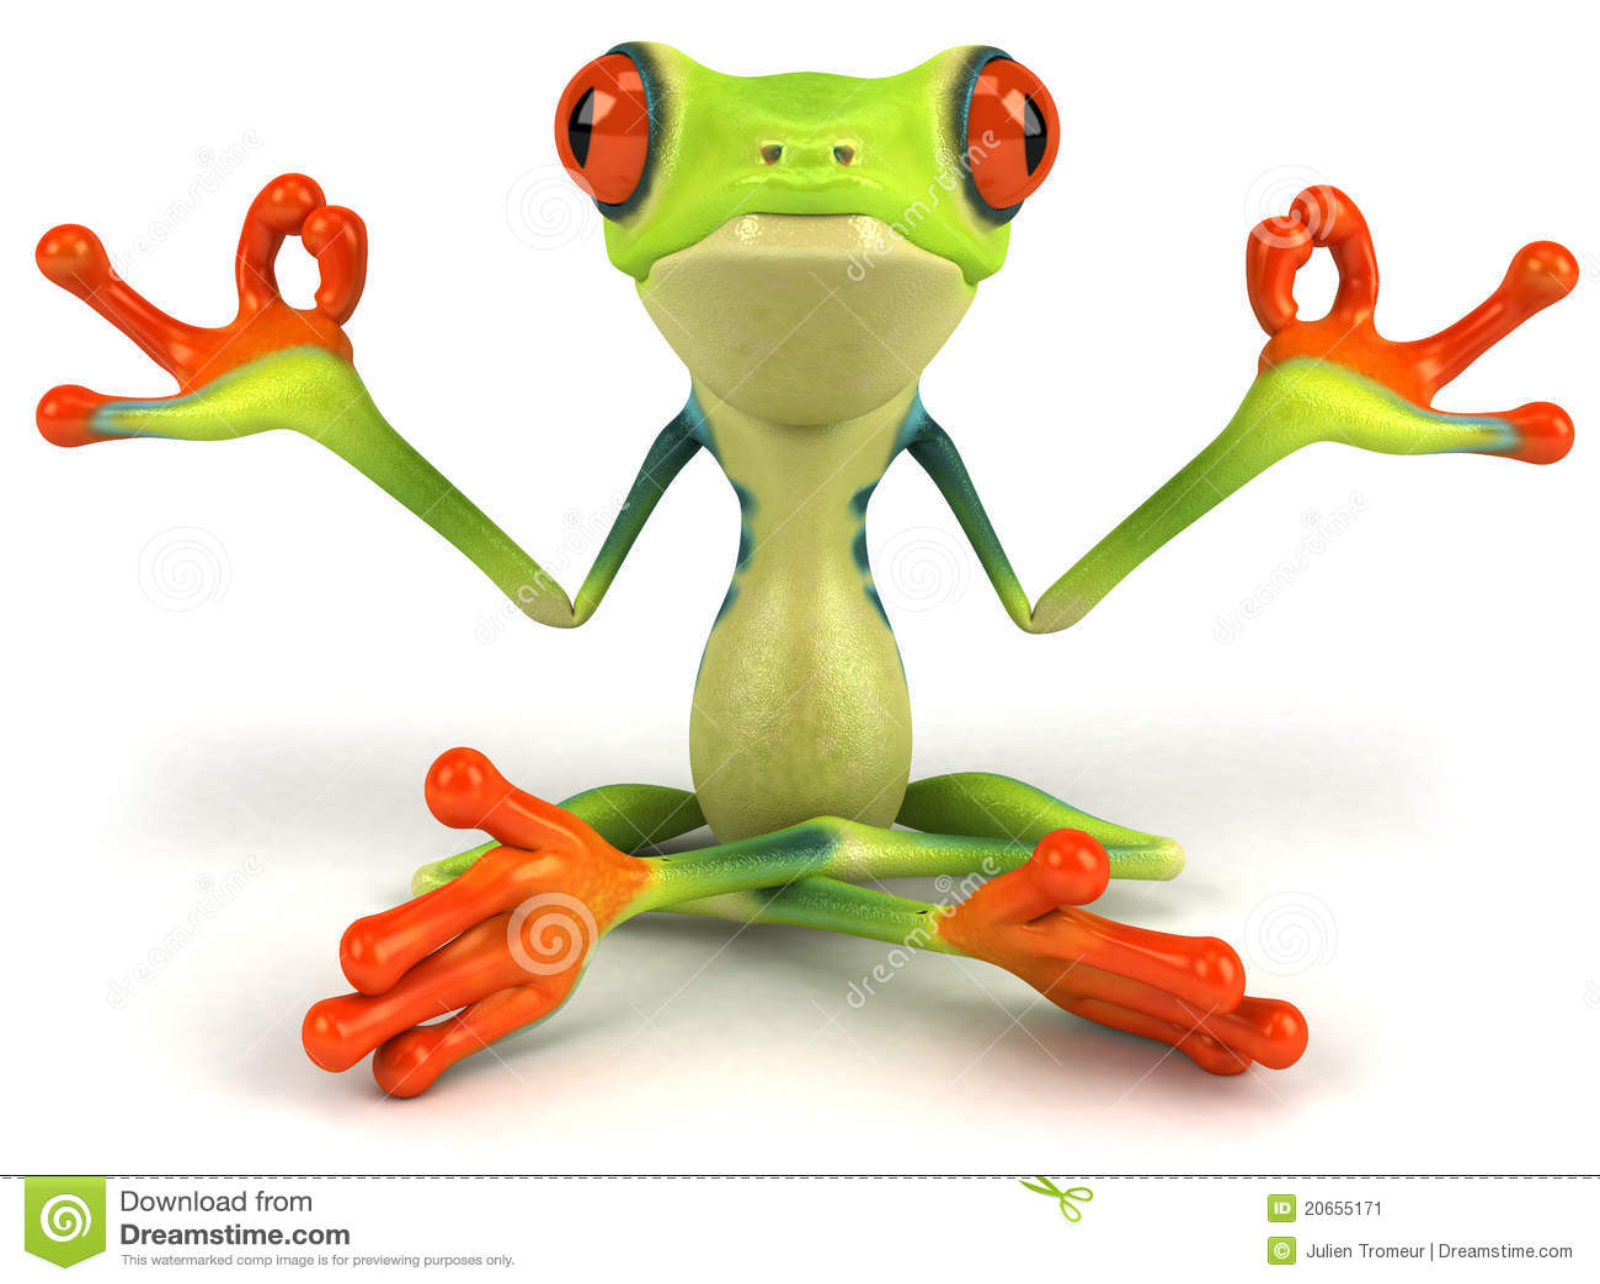 grenouille de zen image stock